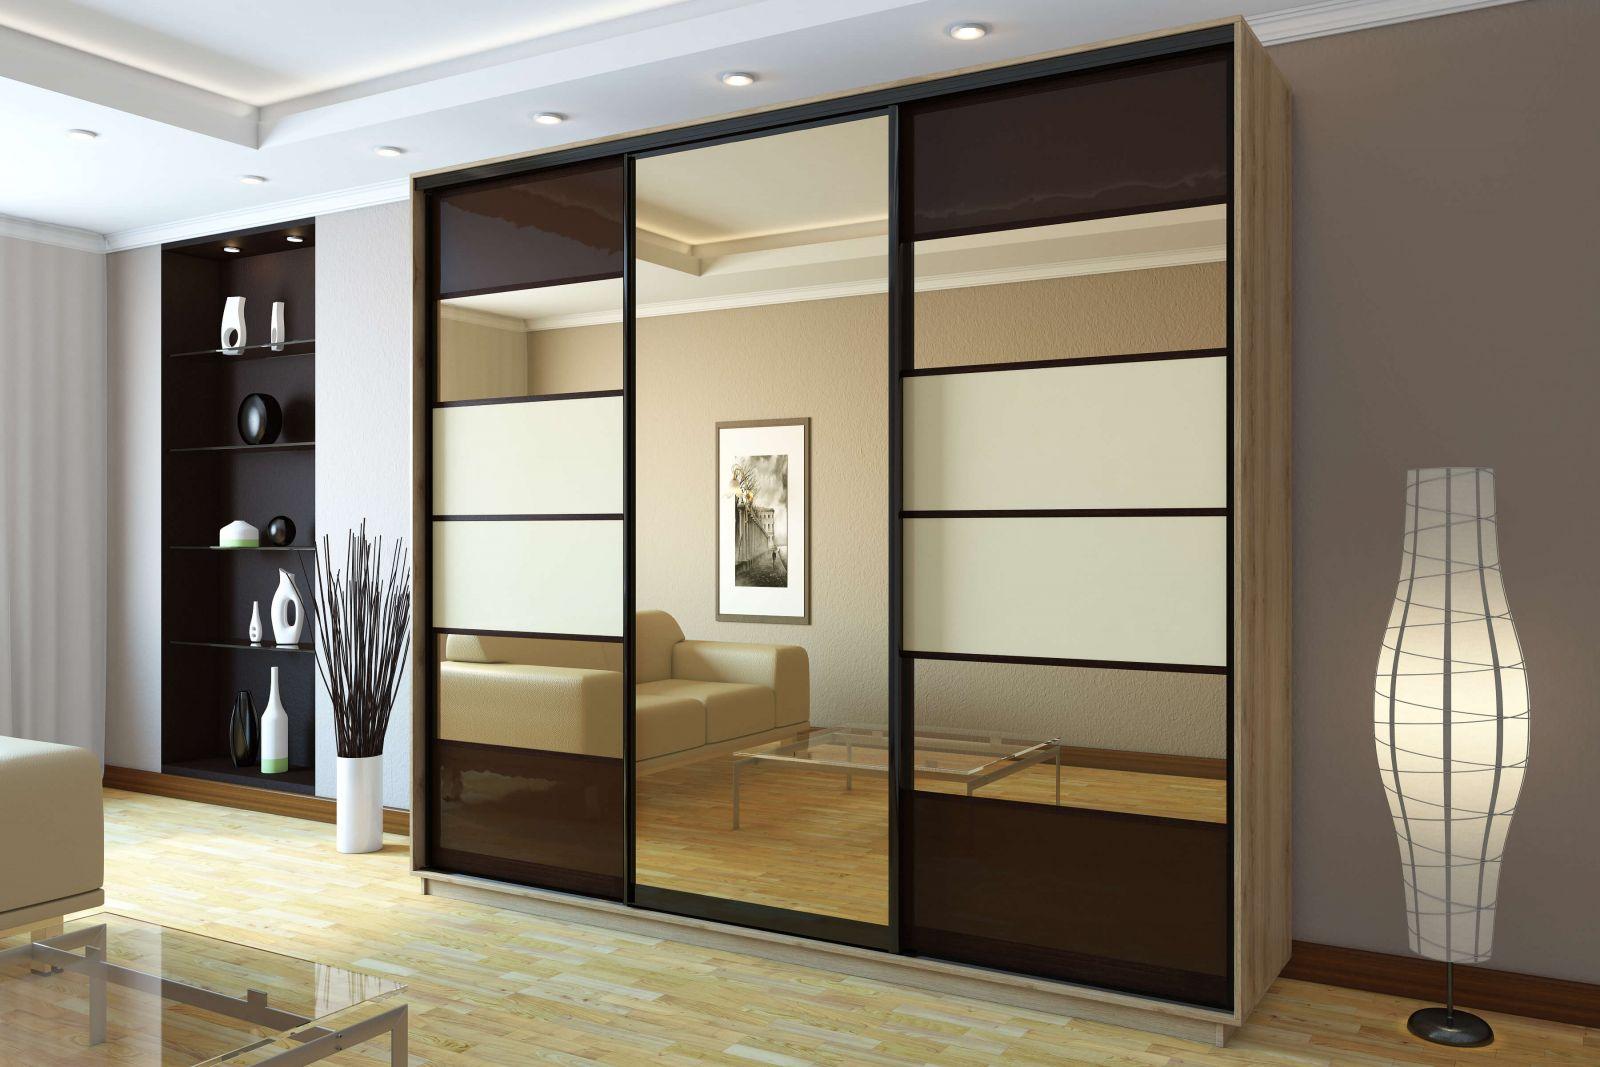 Как выбрать шкаф-купе для разных стилей интерьера